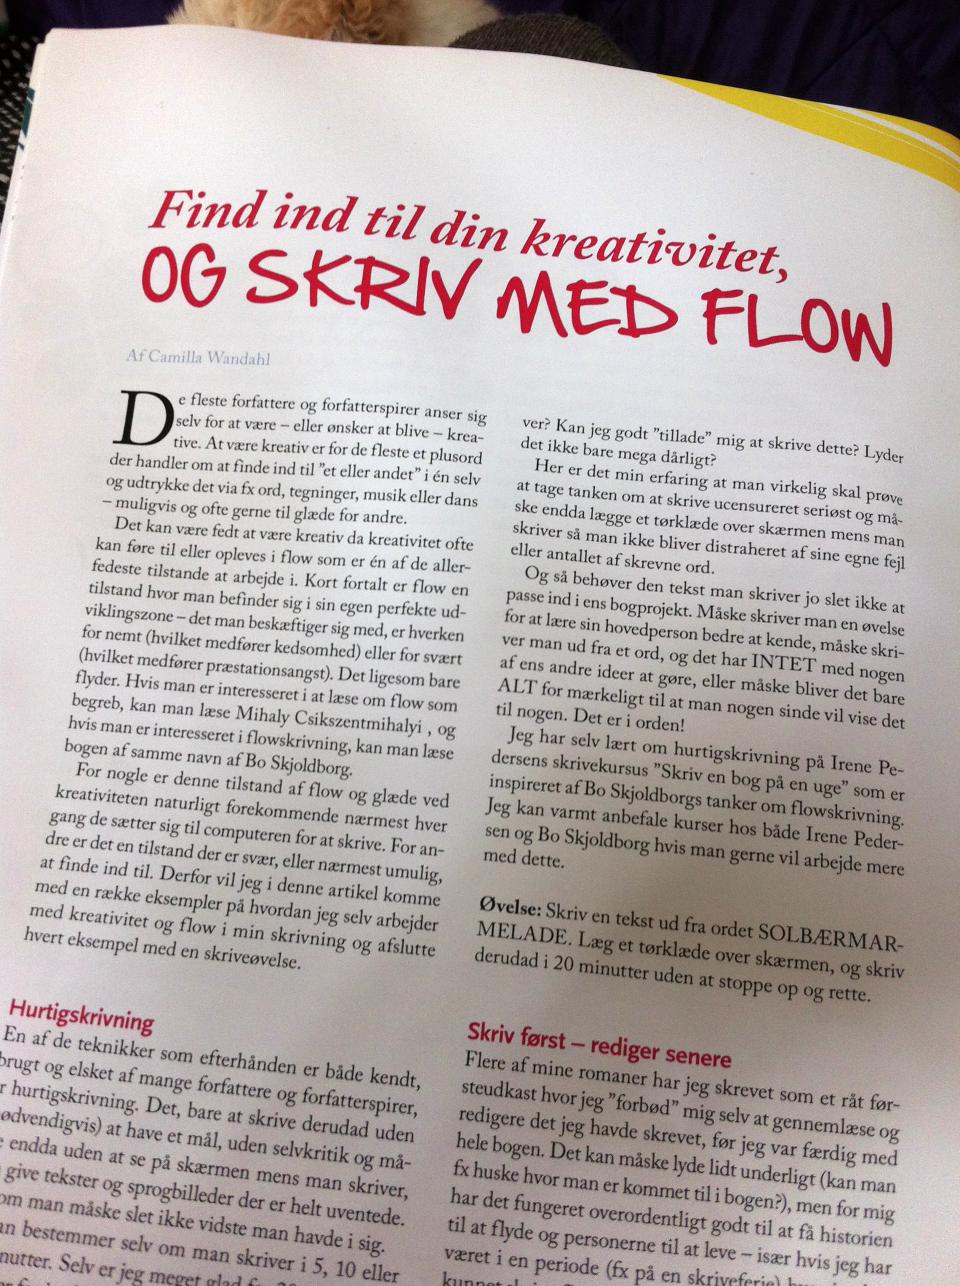 skriv-med-flow